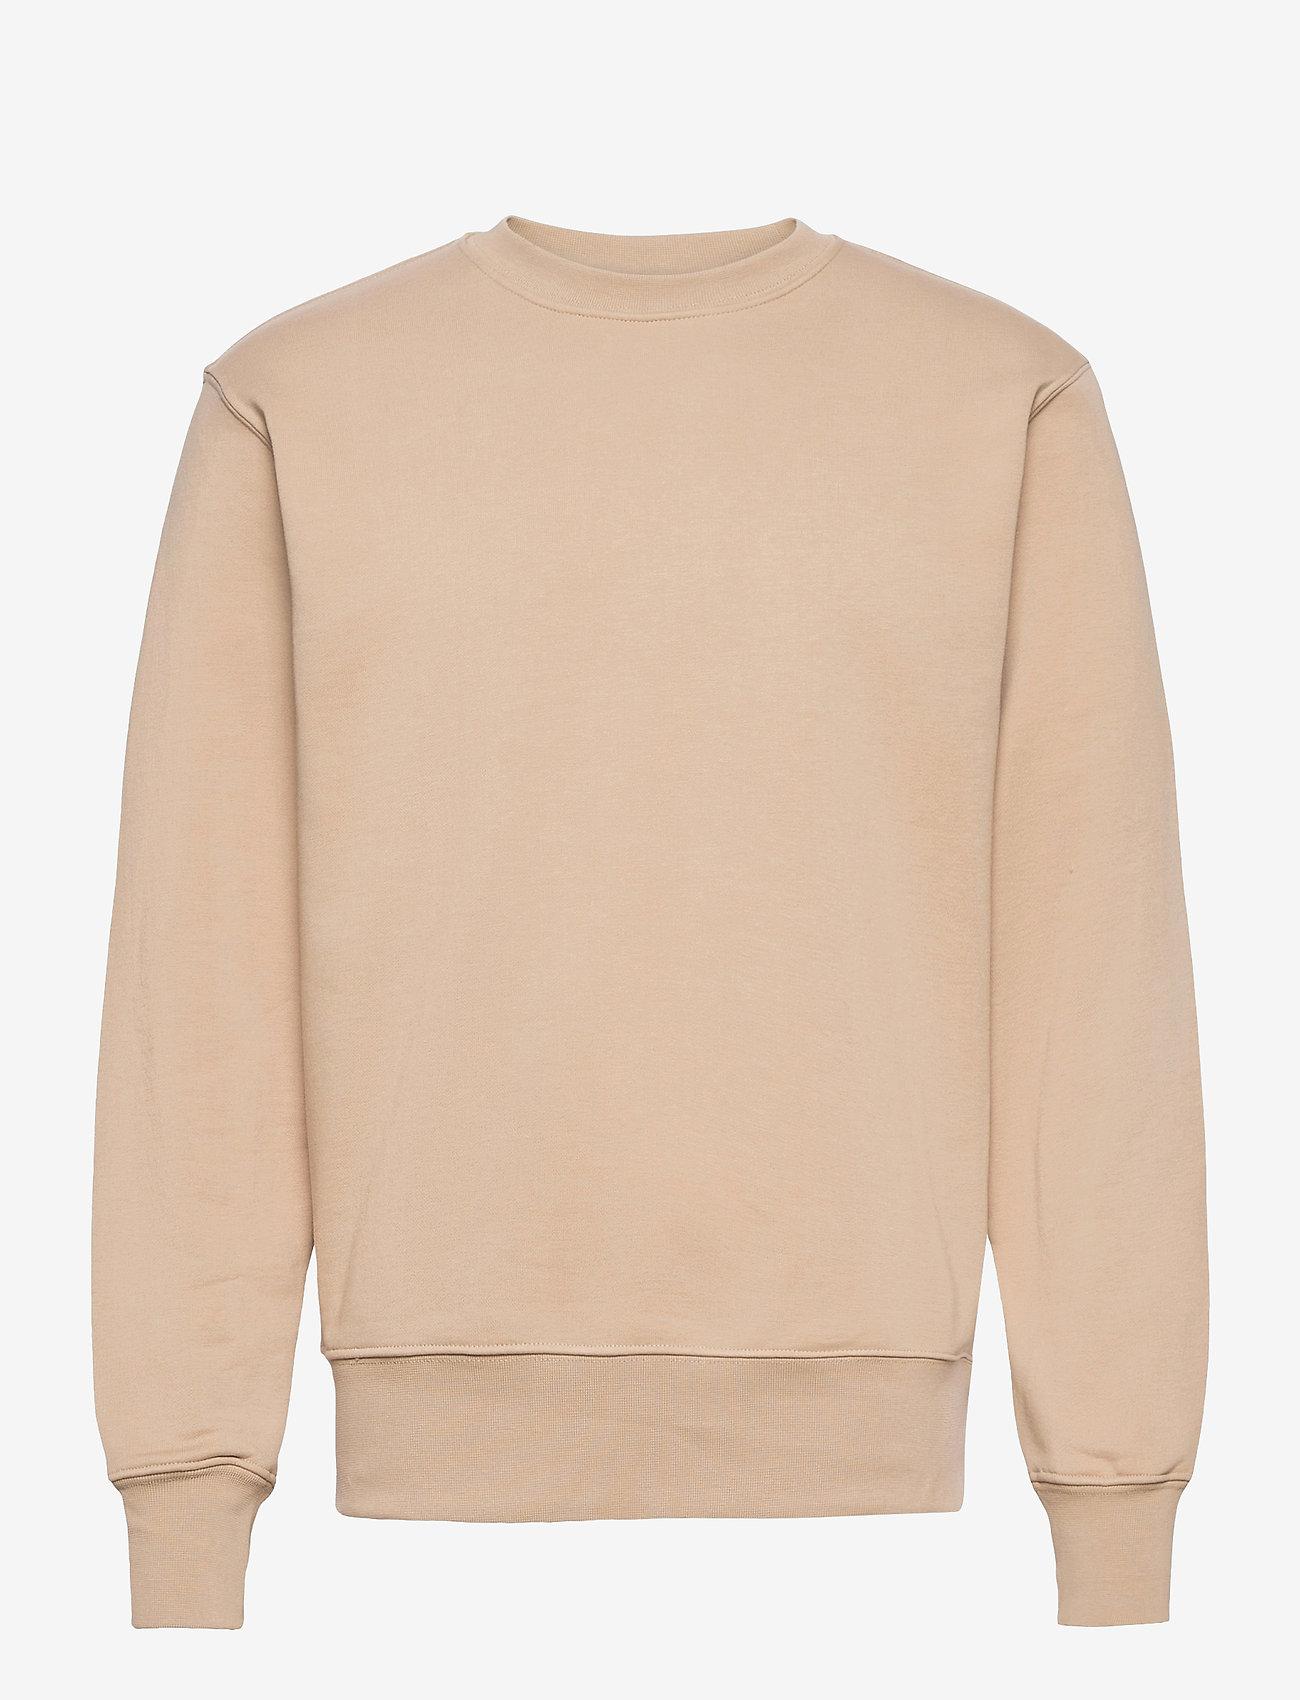 H2O - Couch Sweat O'neck - basic sweatshirts - khaki - 0